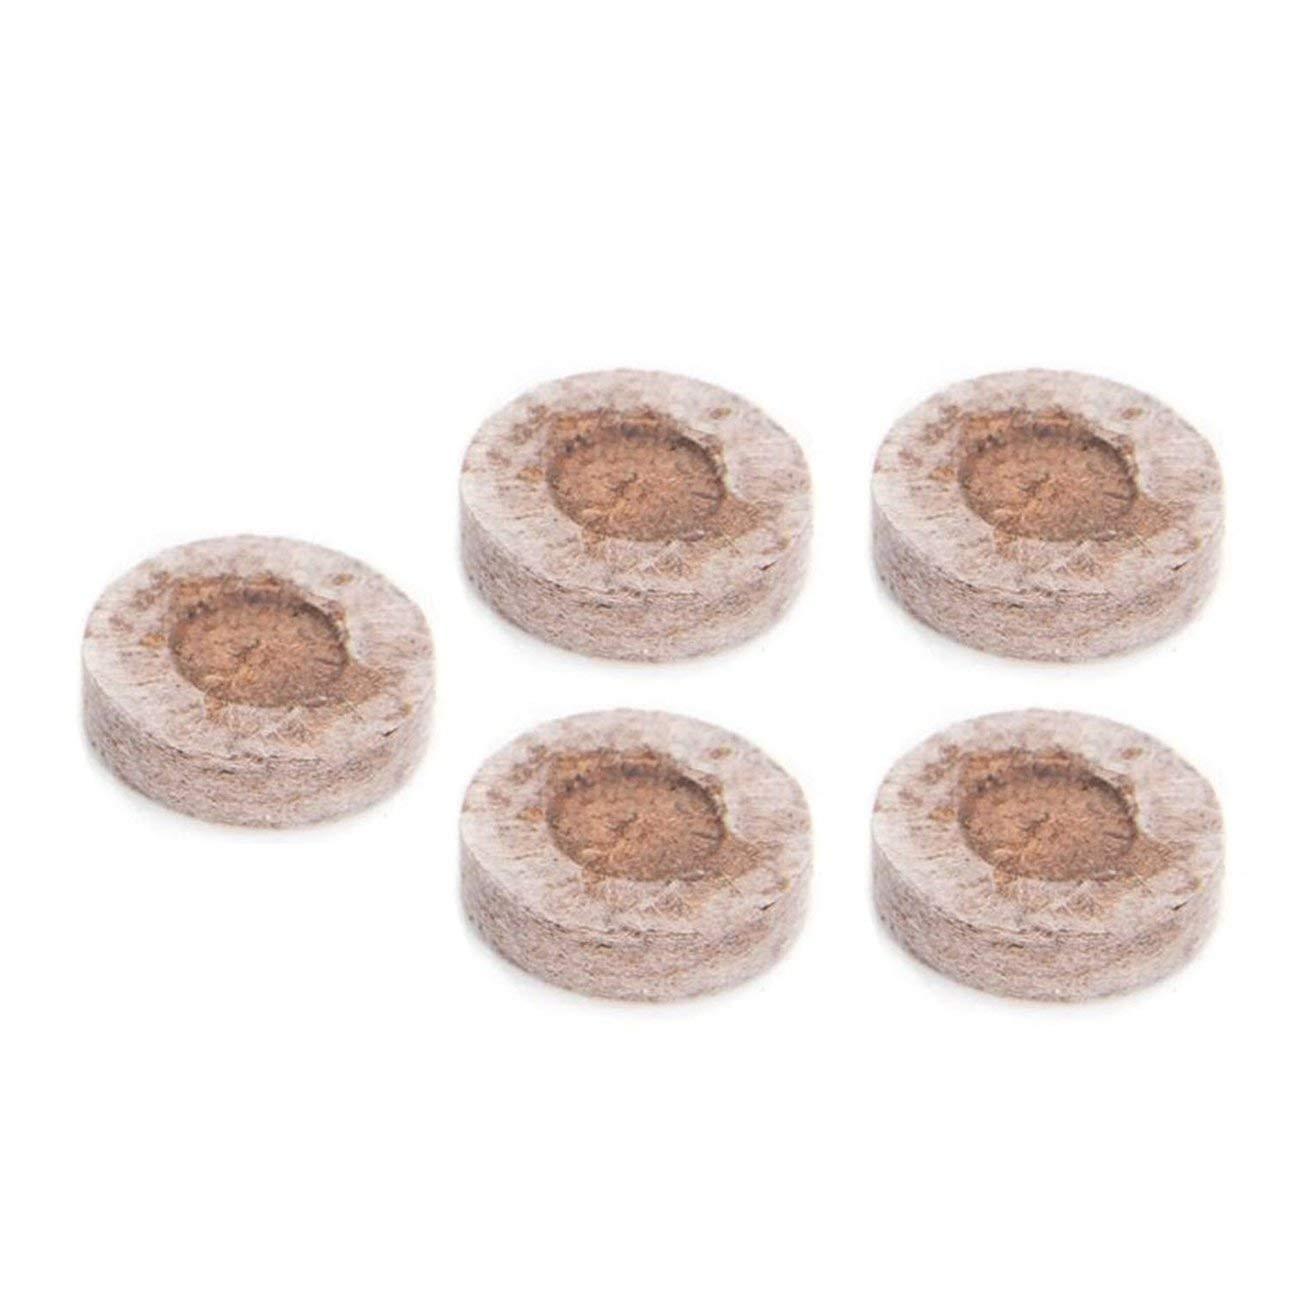 Ballylelly 5pcs 30mm Peat Pellets de Semillas de Partida Tapones de paletas de siembra de plántulas Bloque de Suelo: Amazon.es: Jardín